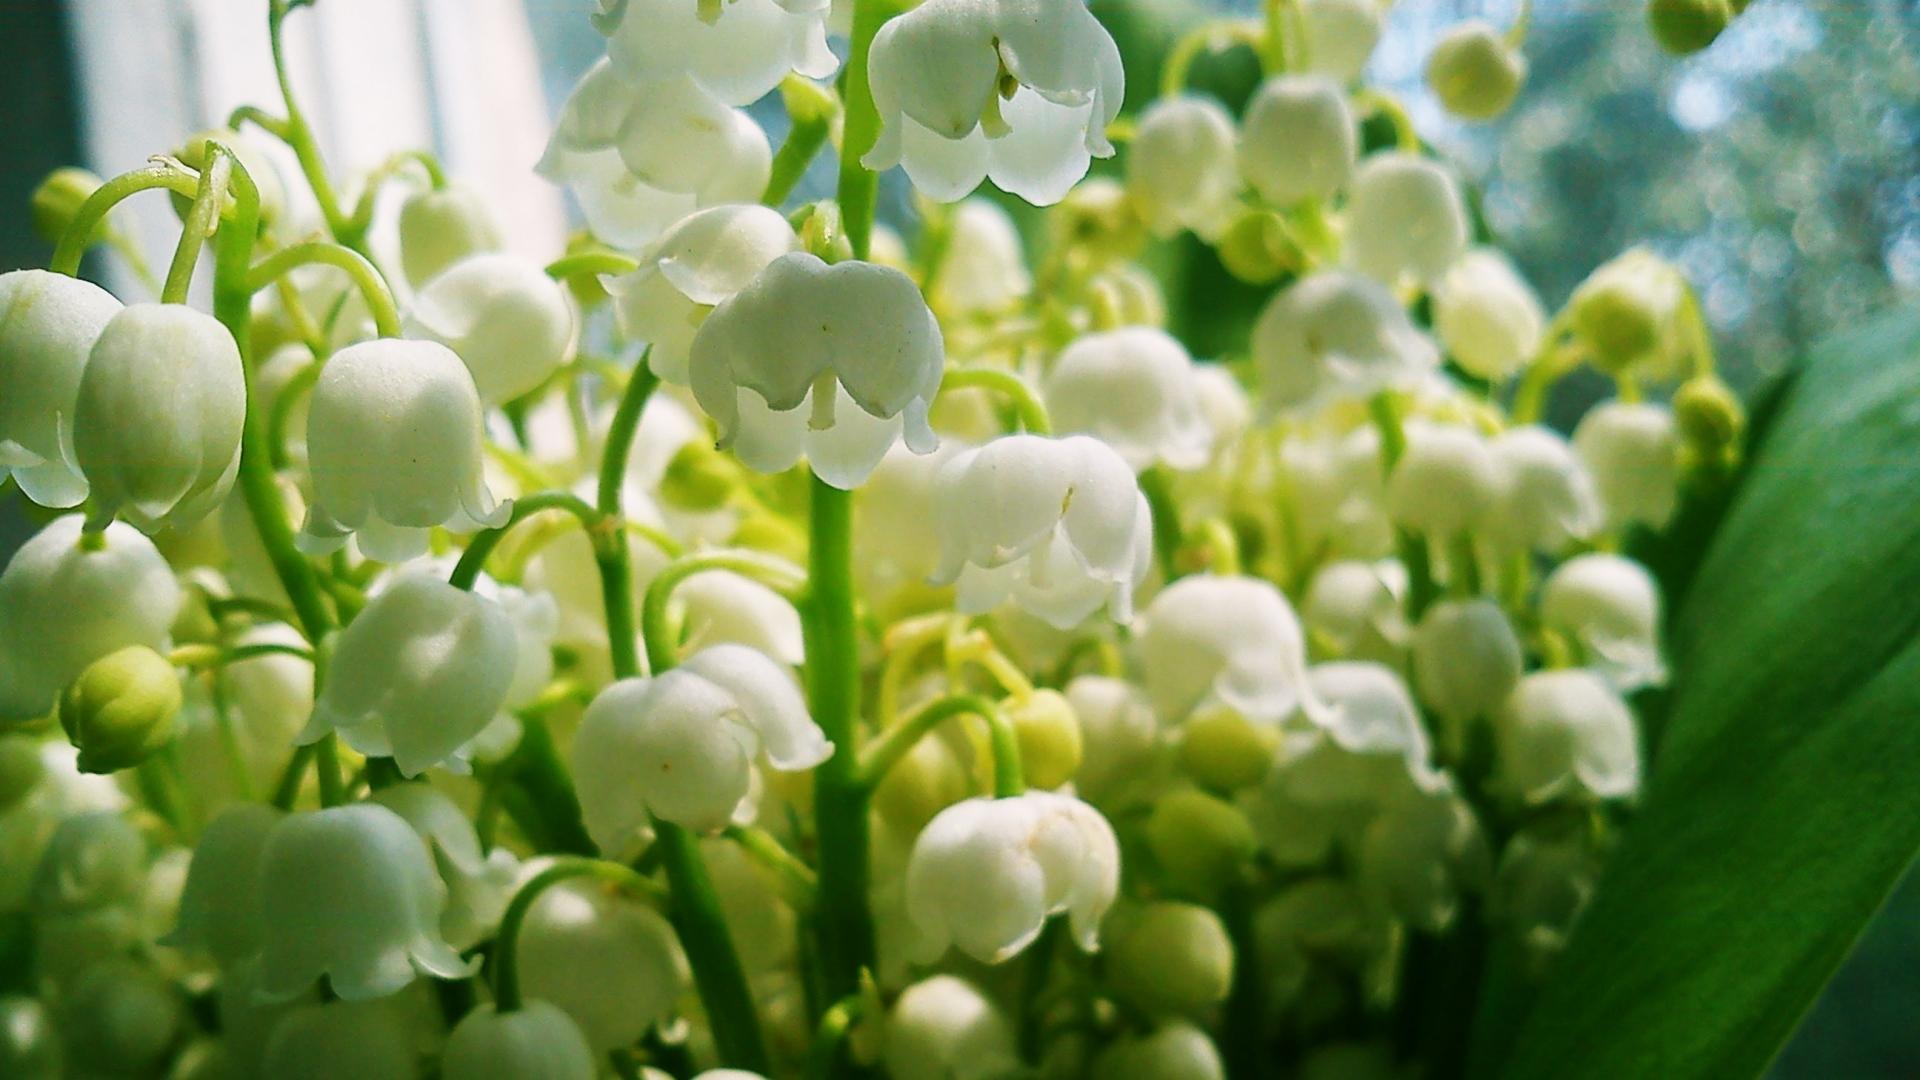 すずらんの香りは「聖なる香り」と言われ、好きな人にふりかけると自分に振り向いてくれるという言い伝えもあります。